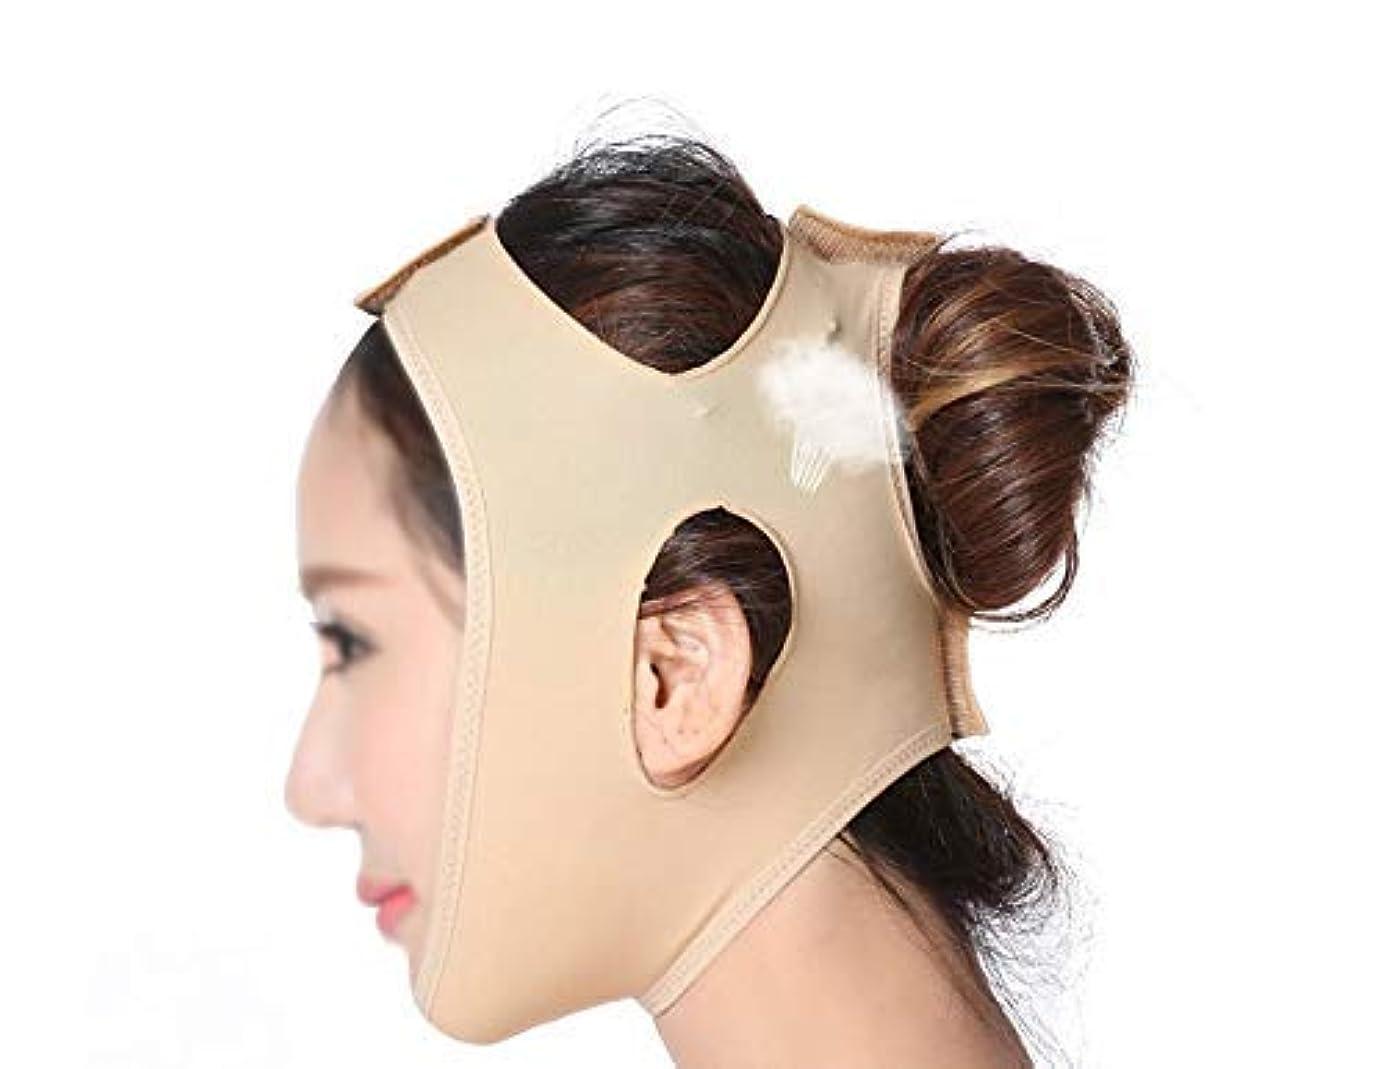 愚か運河撤回する引き締めフェイスマスク、フェイシャルマスク睡眠薄型フェイス包帯薄型フェイスマスクフェイスリフティングフェイスメロンフェイスVフェイスリフティング引き締めダブルチン美容ツール(サイズ:XL)